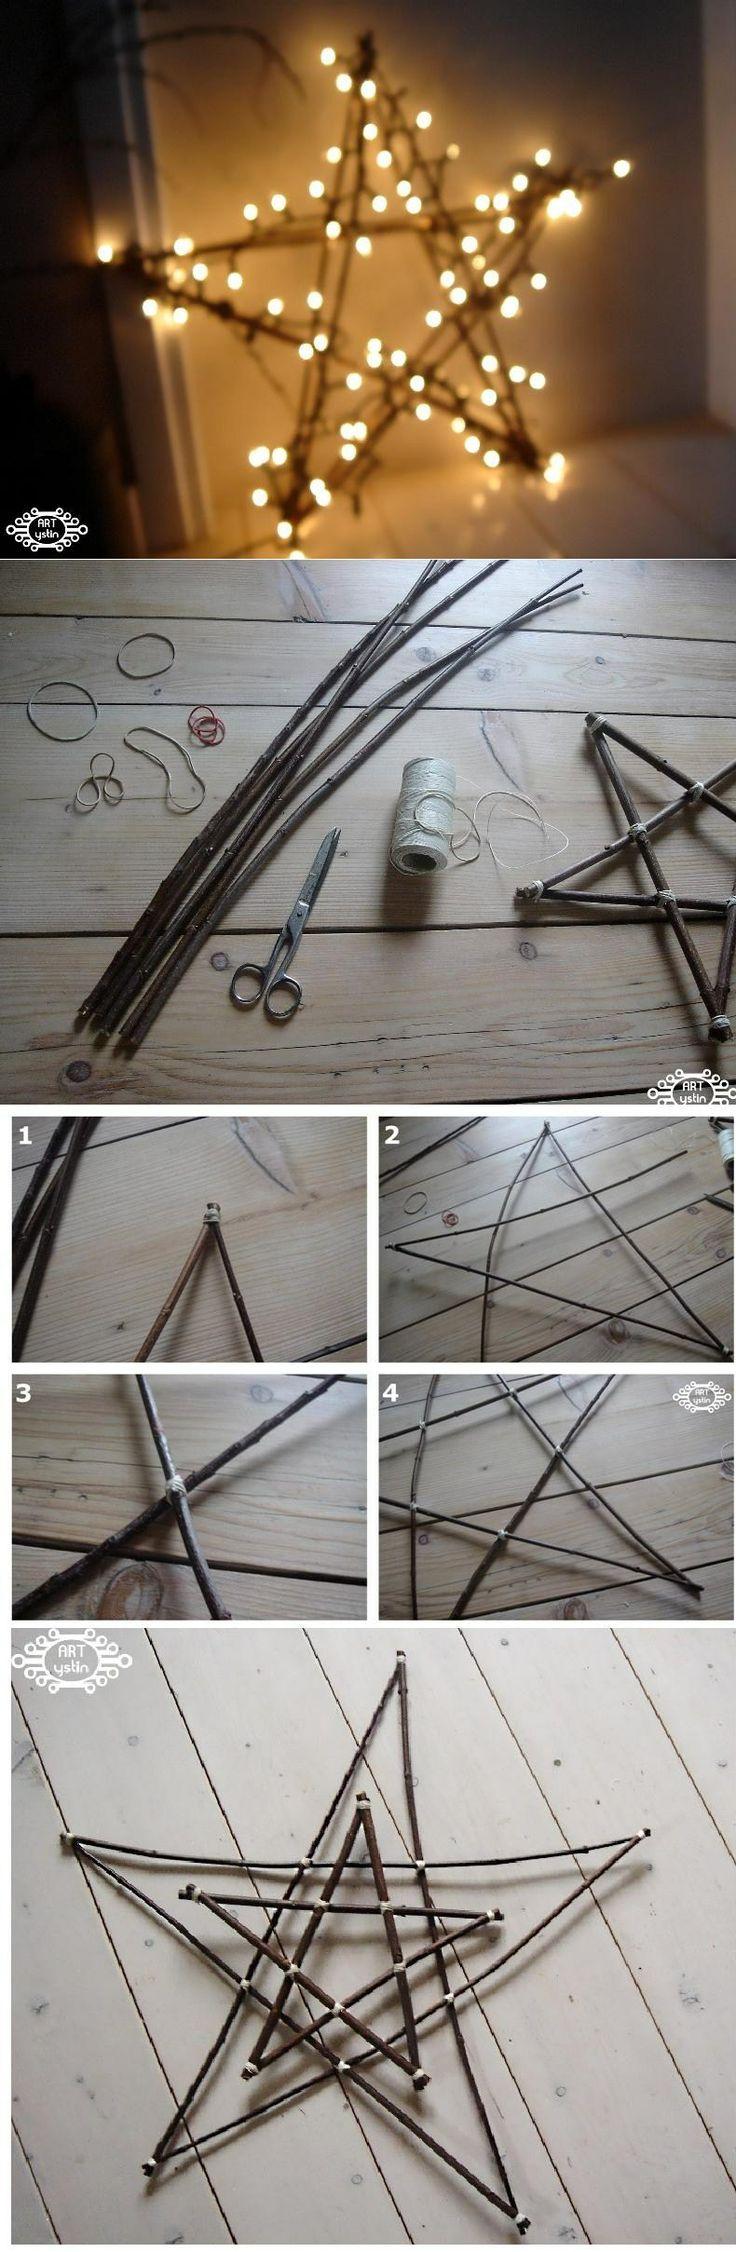 gwiazda zrobiona z patyków-star made of sticks